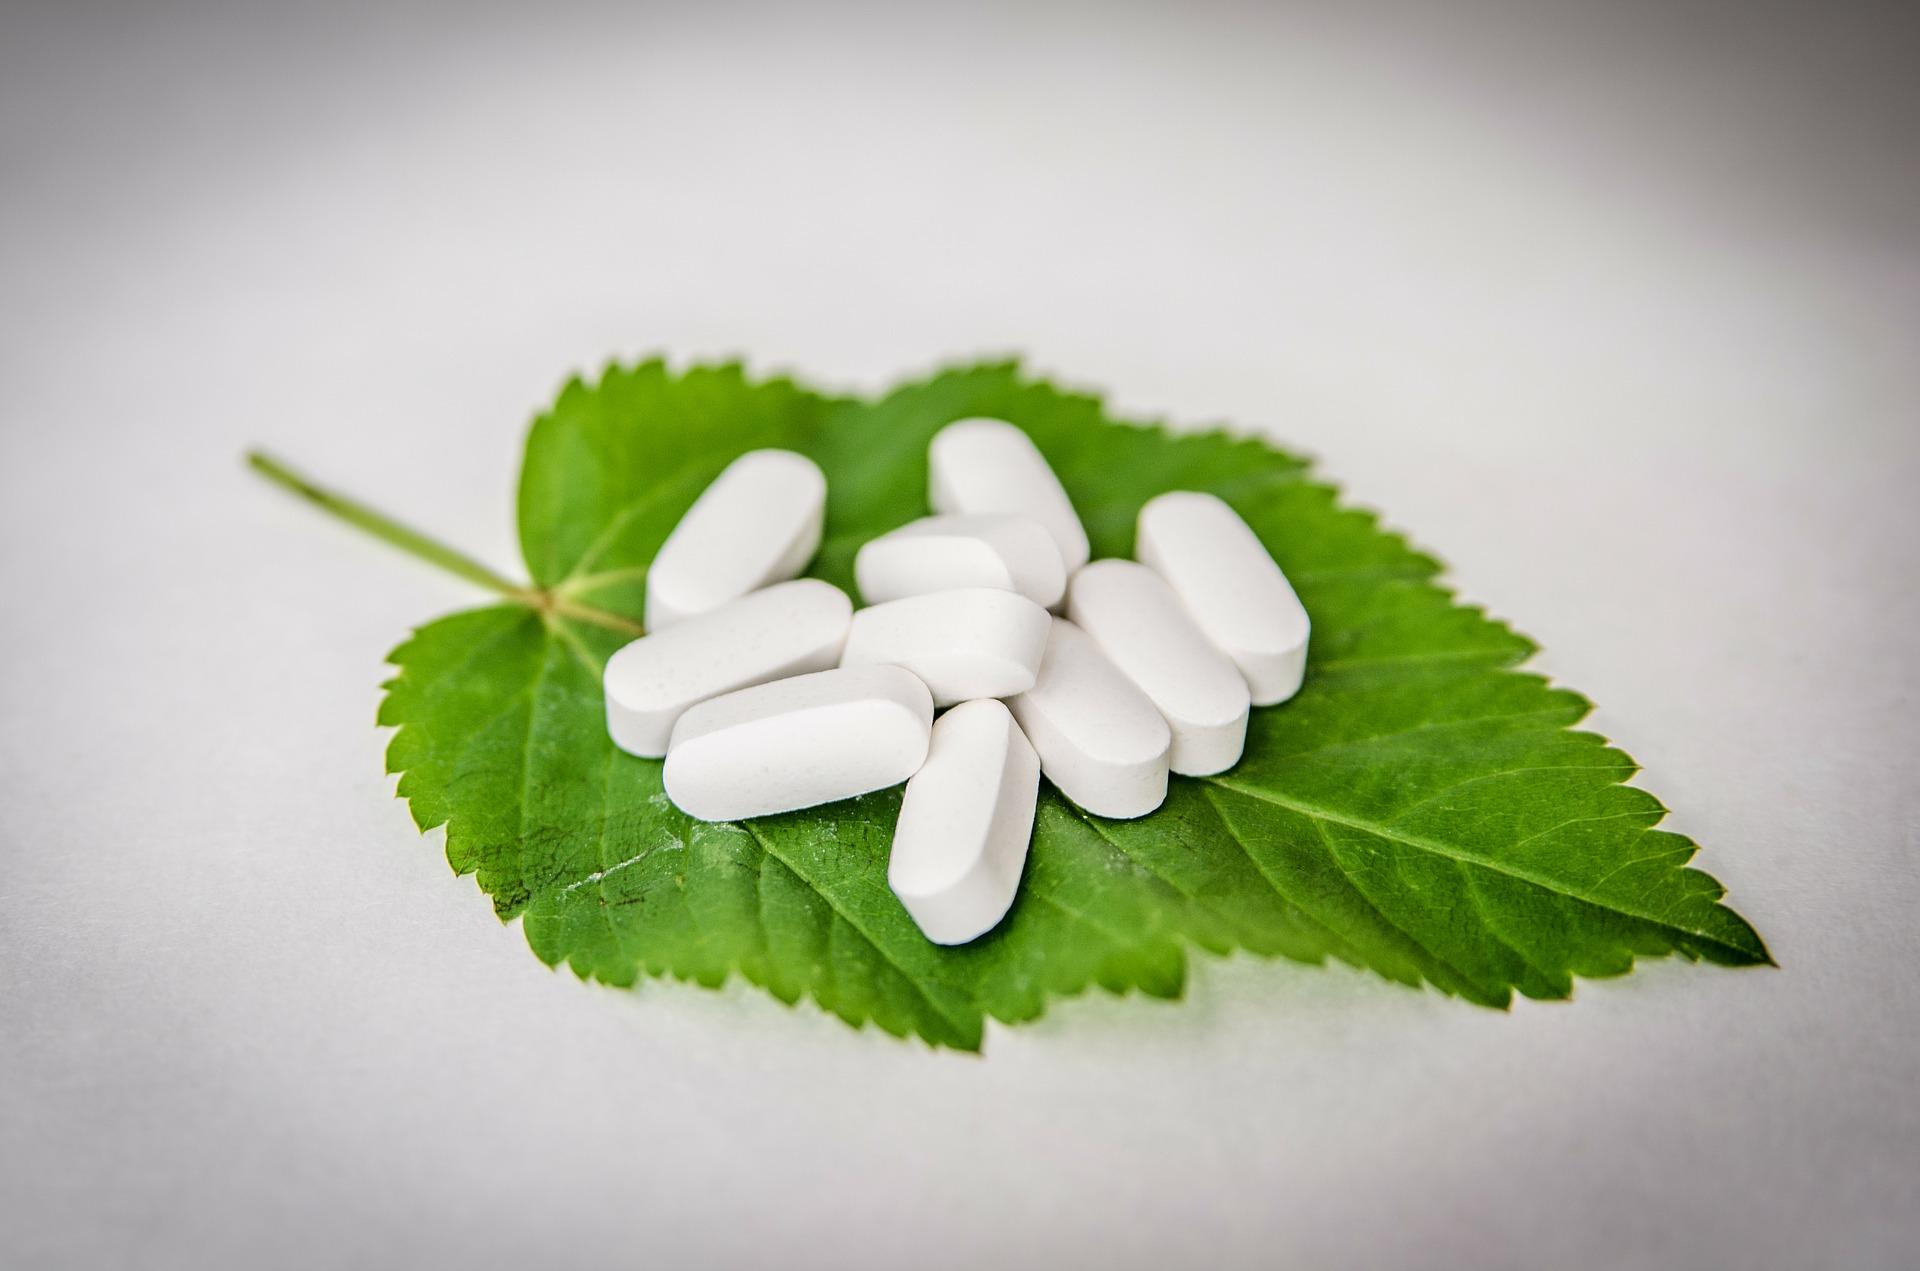 Cannabidiol ist ein natürlicher Wirkstoff mit therapeutischen Qualitäten